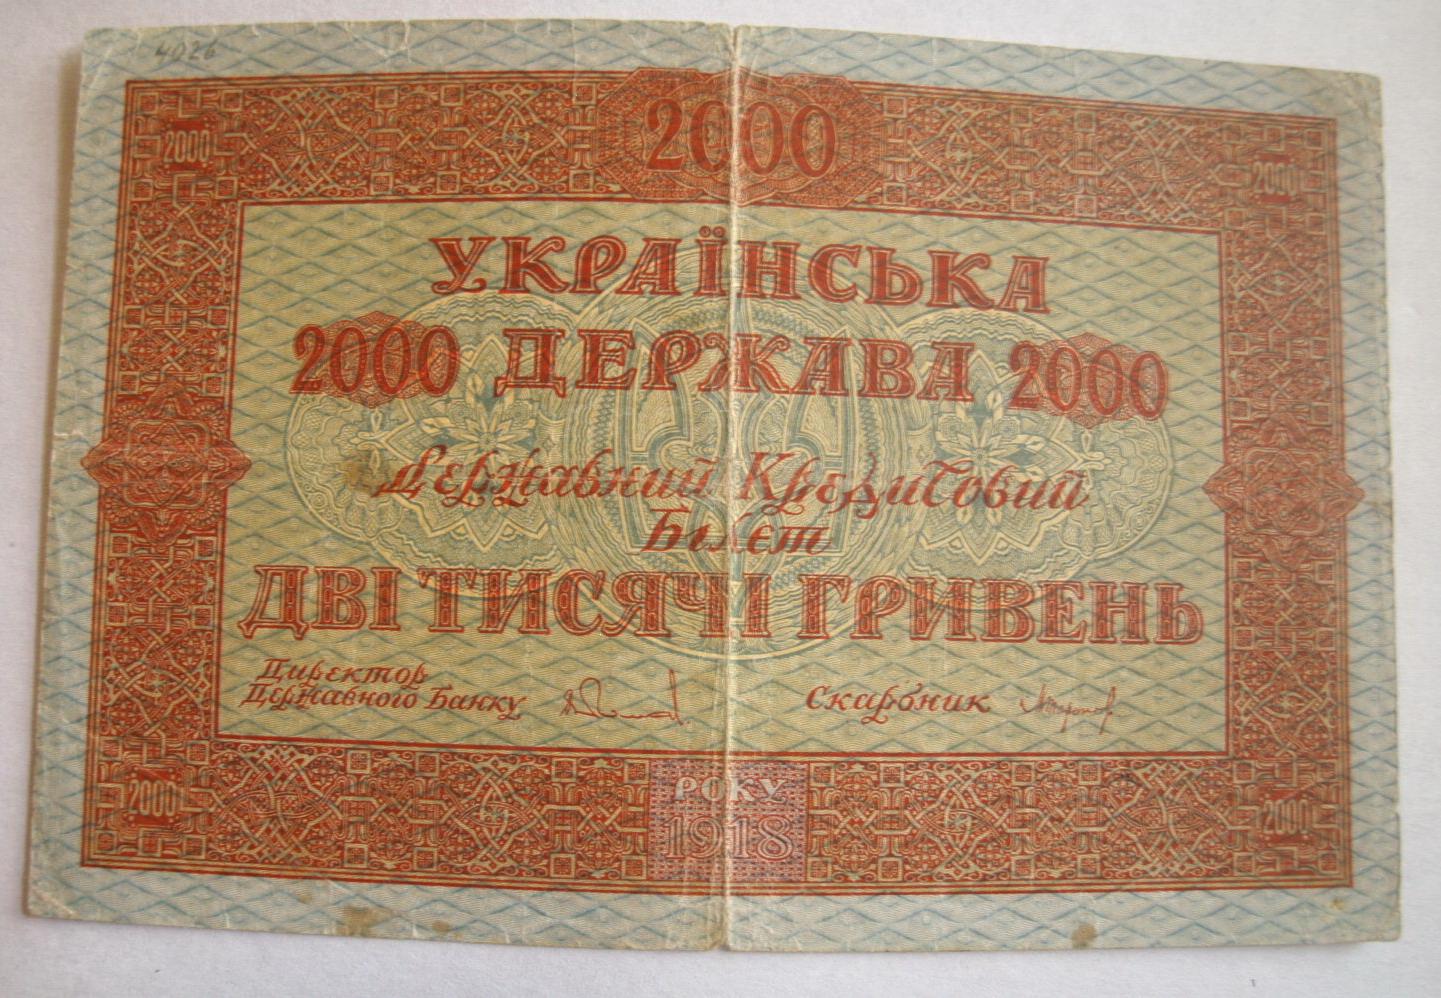 Украина 50 гривен 2000 г гетьман (p-113a) unc